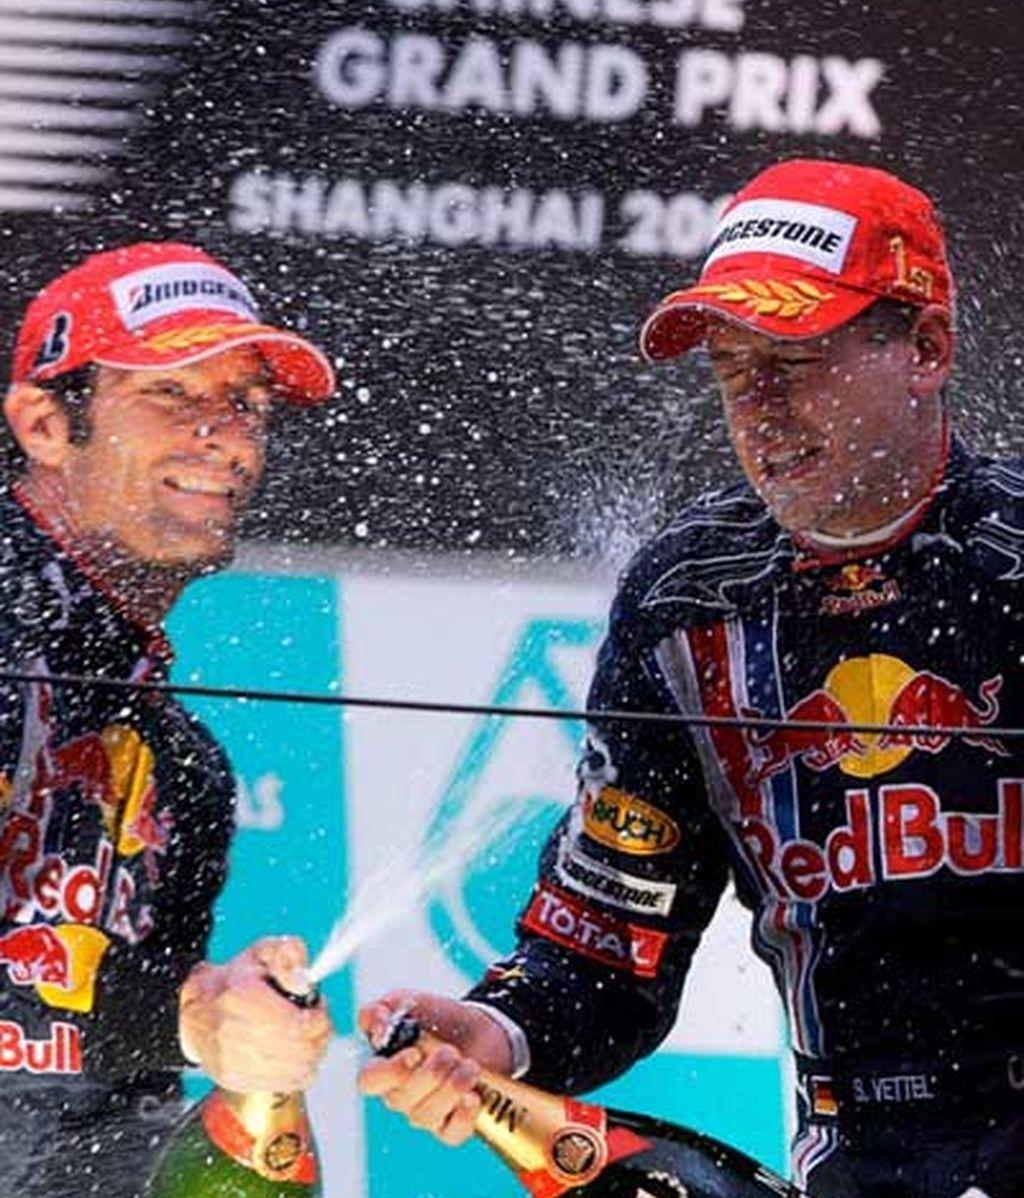 La celebración entre los pilotos de Red Bull